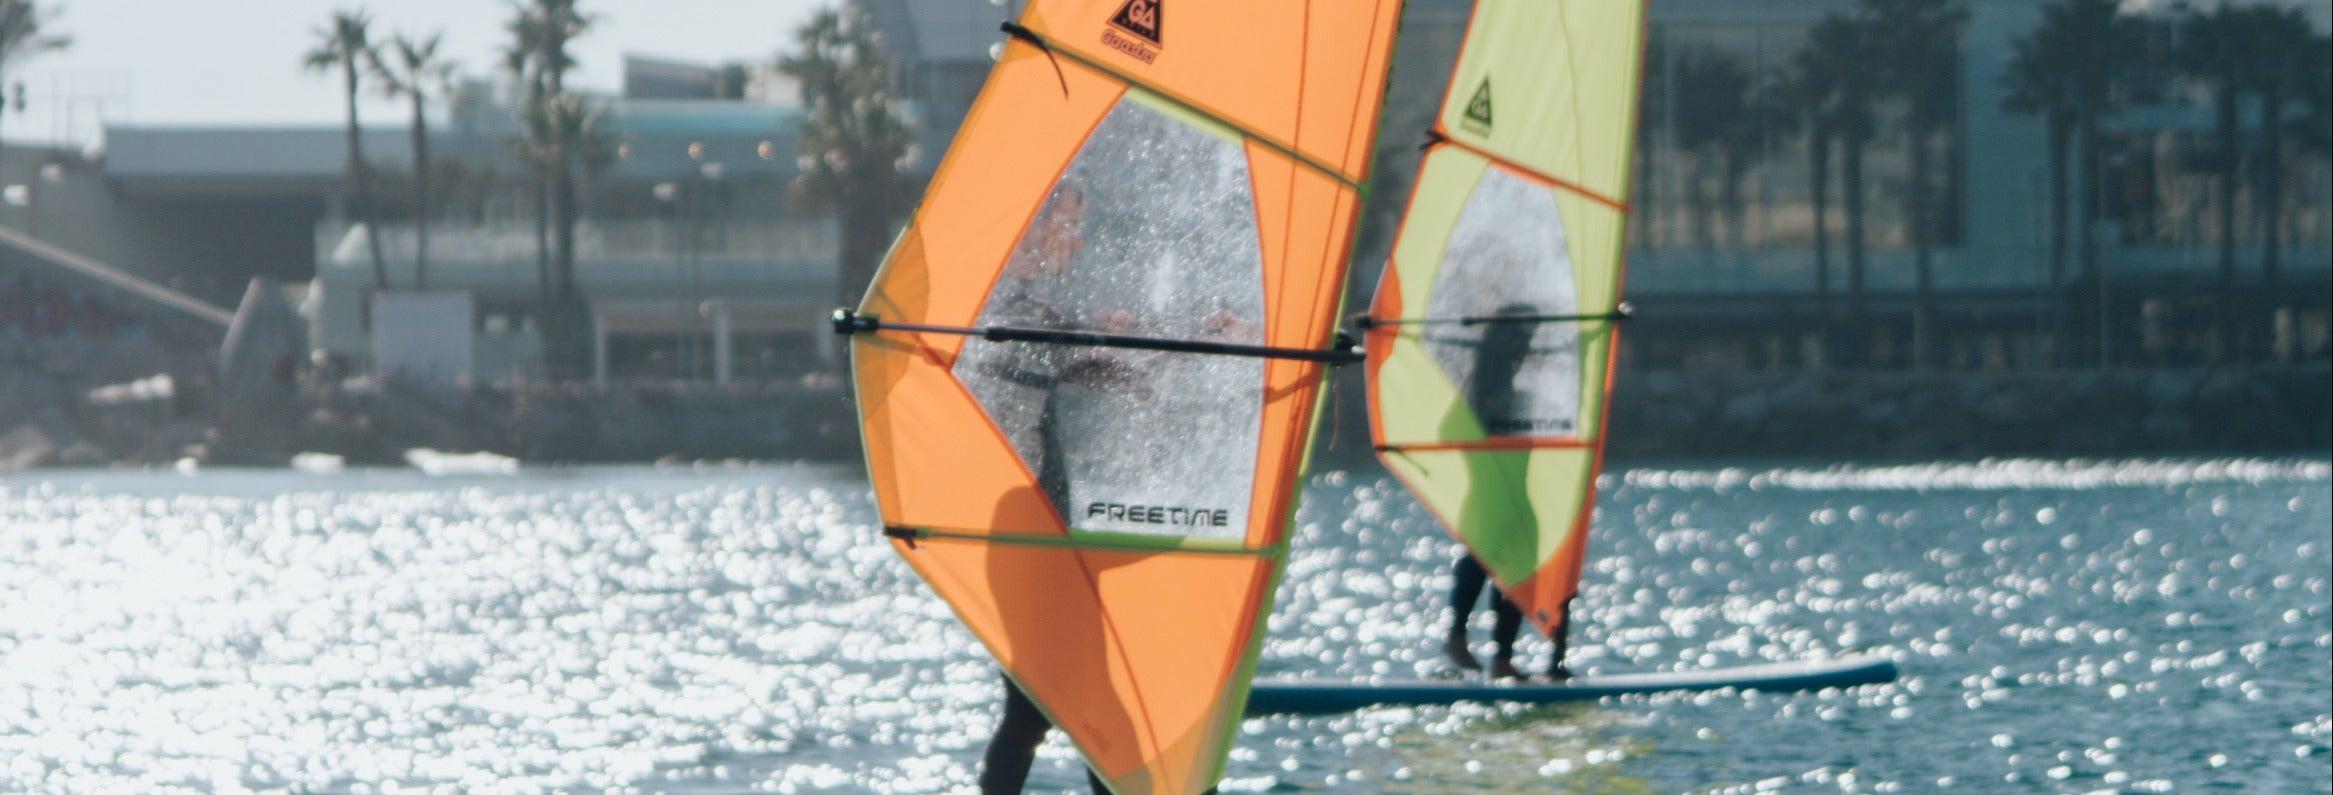 Curso de windsurf em Barcelona